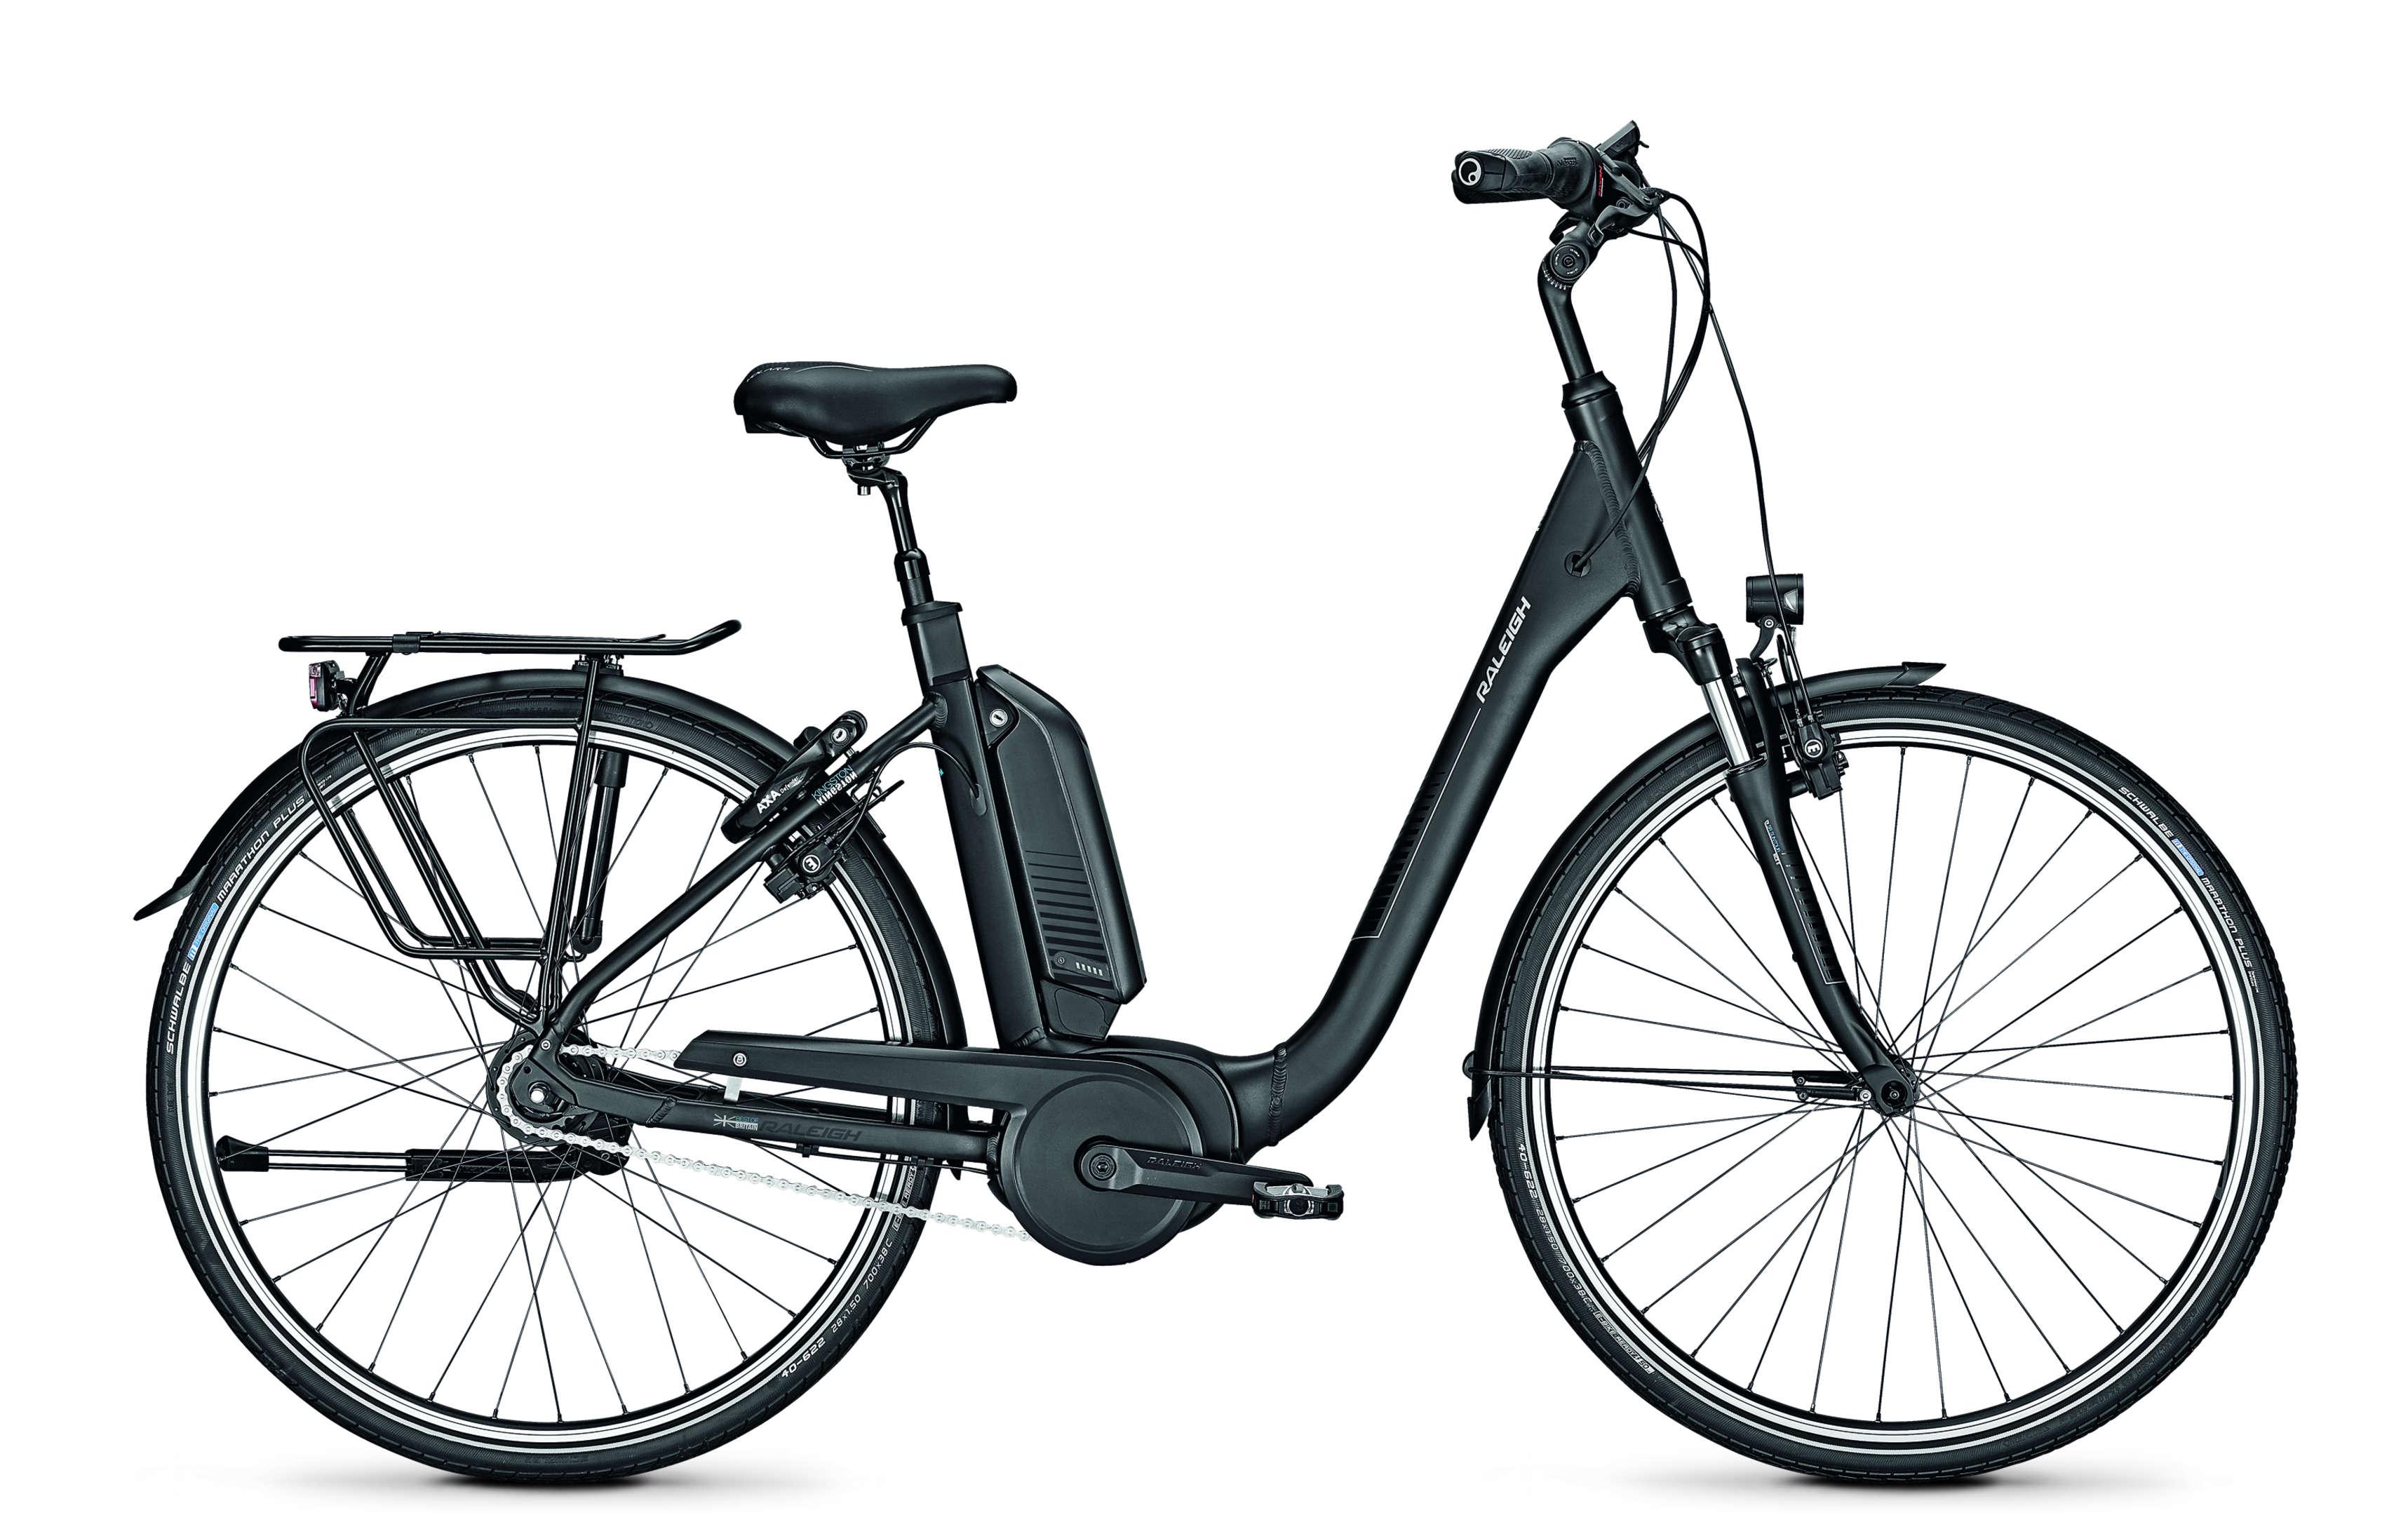 raleigh e bike comfort kingston r 8g 13 4ah 36v eurorad. Black Bedroom Furniture Sets. Home Design Ideas